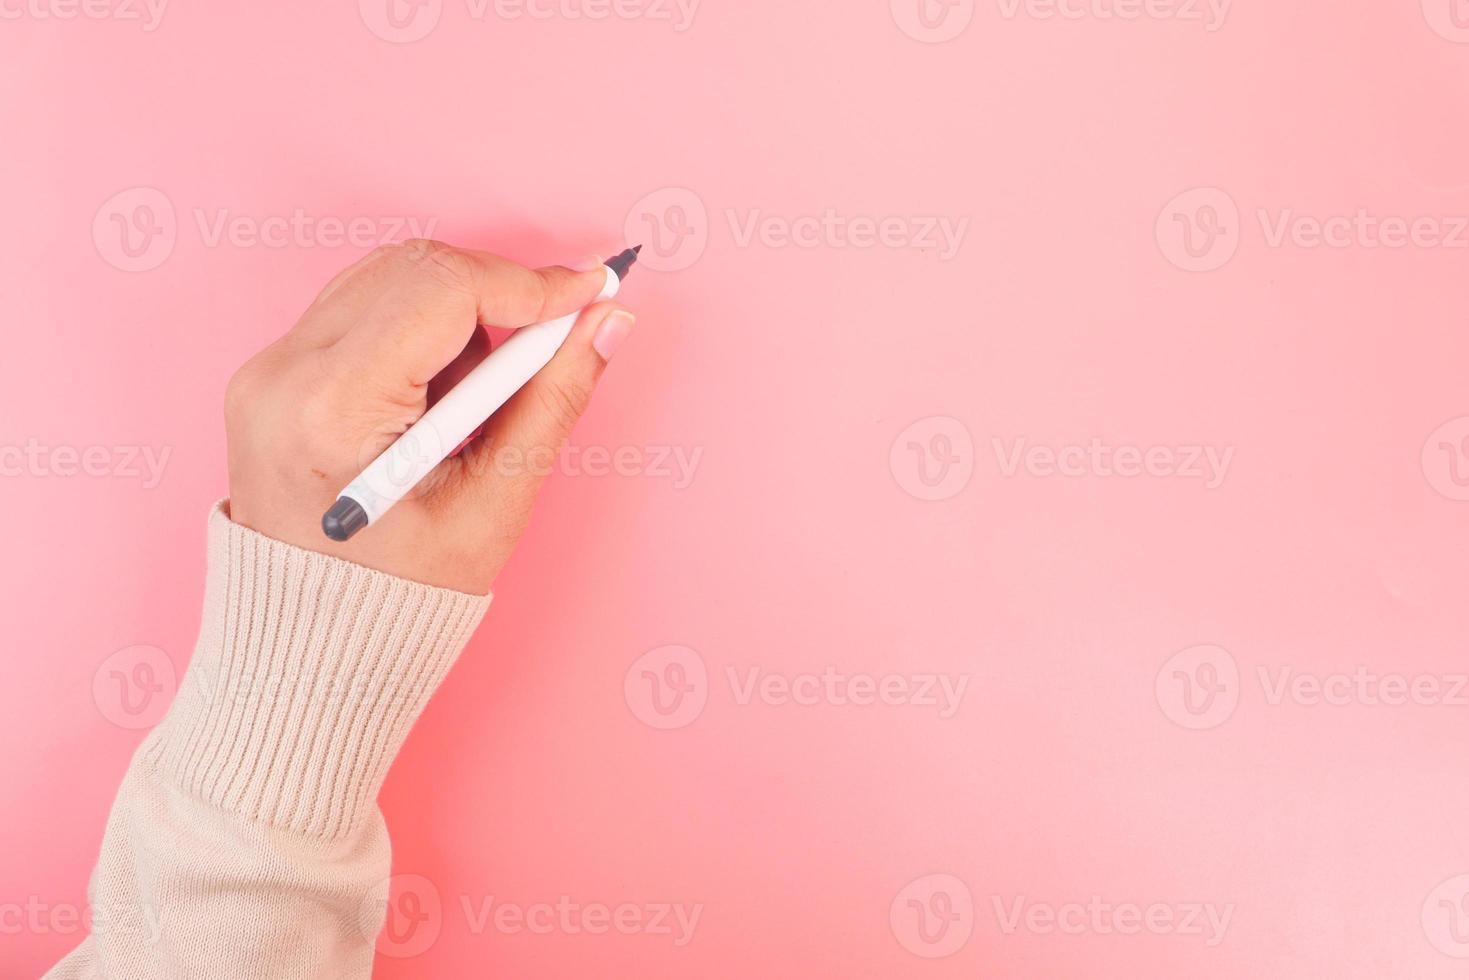 mulheres escrevendo com caneta em fundo rosa foto